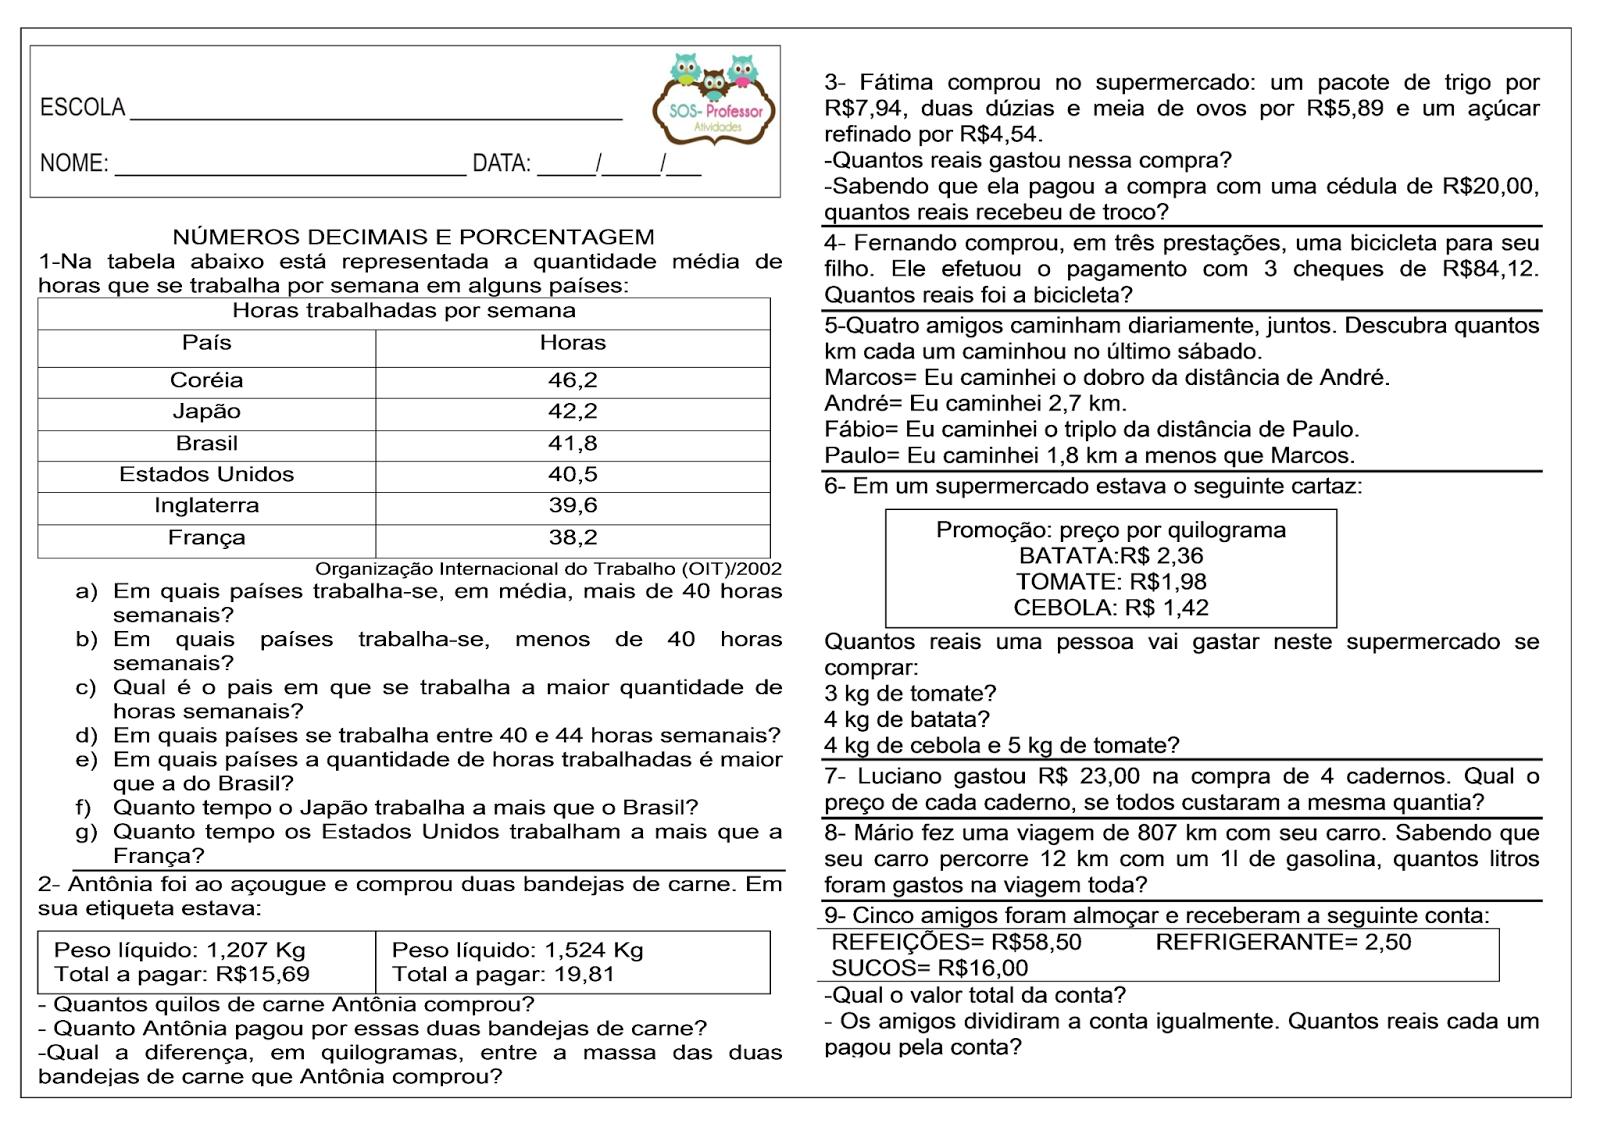 Suficiente SOS PROFESSOR-ATIVIDADES: Números decimais e porcentagem  VW11